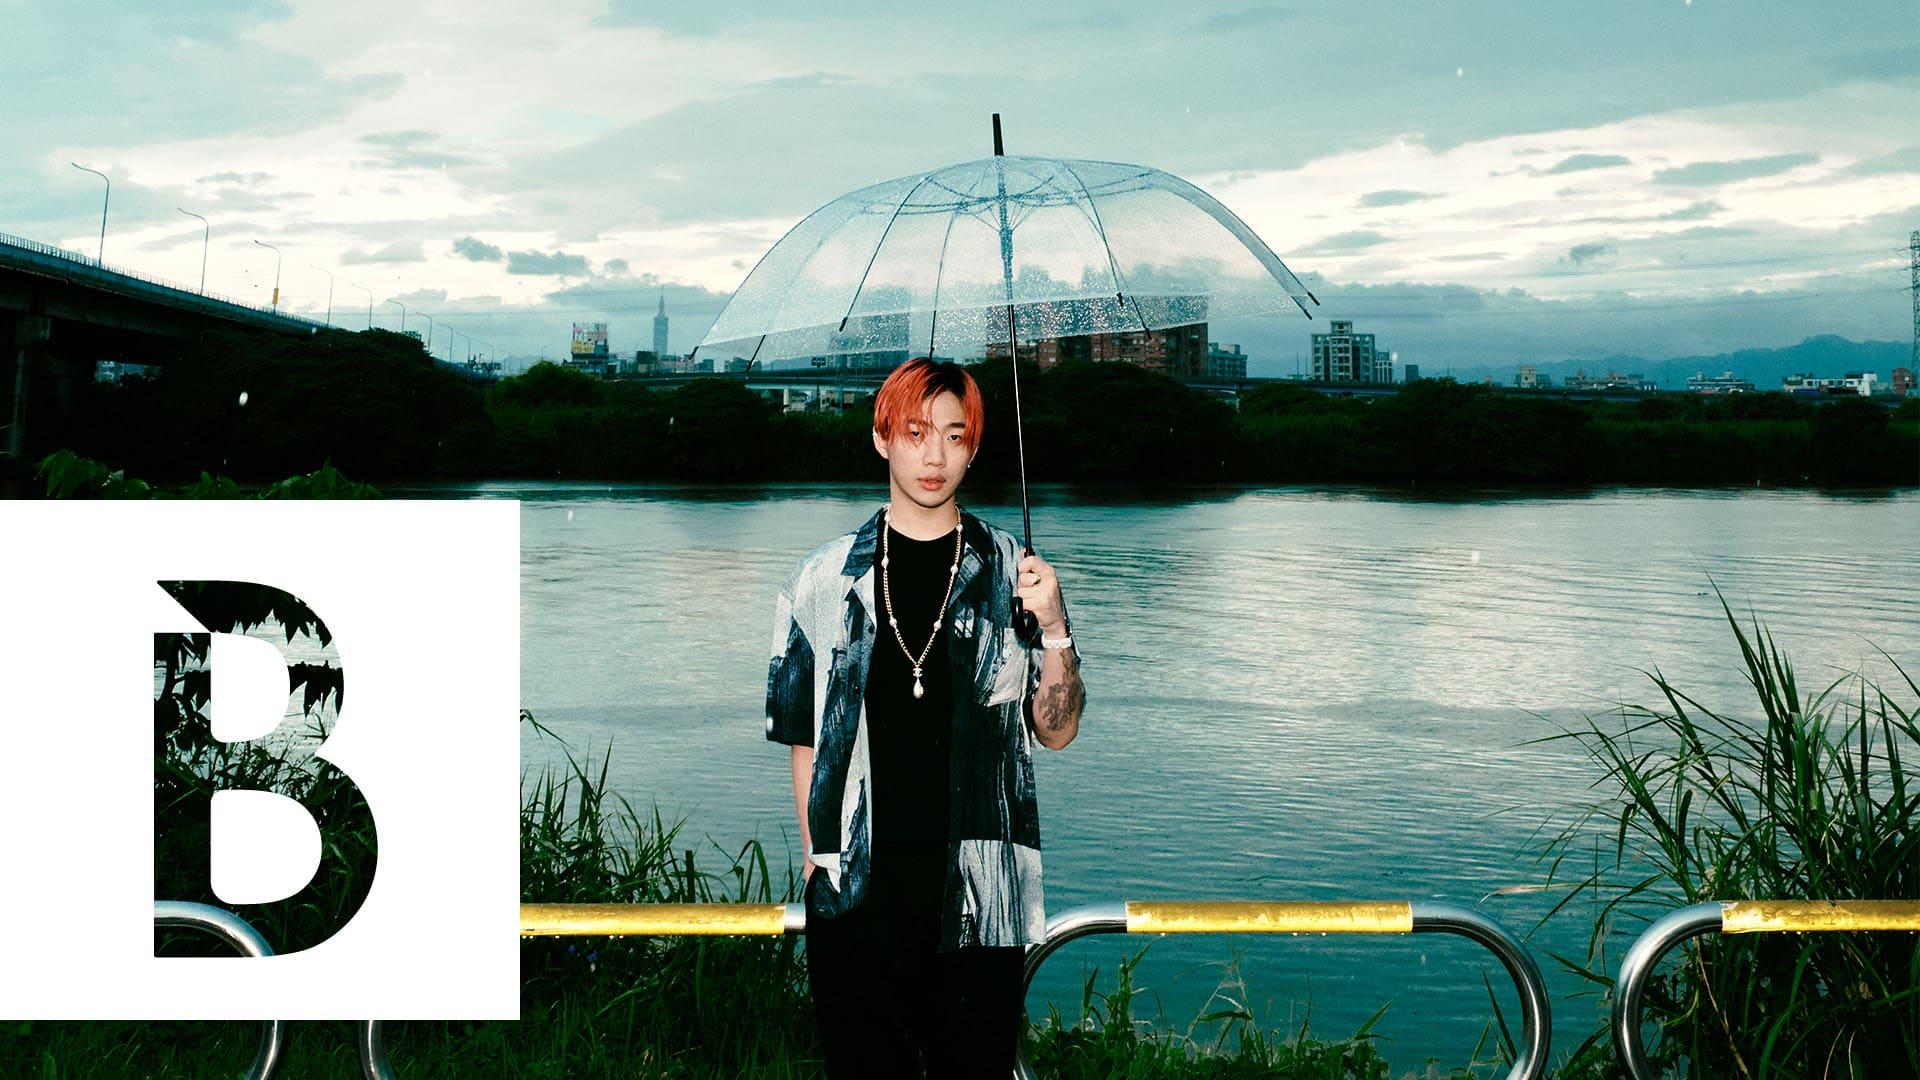 專訪|ØZI一日遊台北,想看的東西很多,但他說:「就像拿到《金曲獎》後,想做的事情太多,可是時間不夠。」| Bella Taiwan